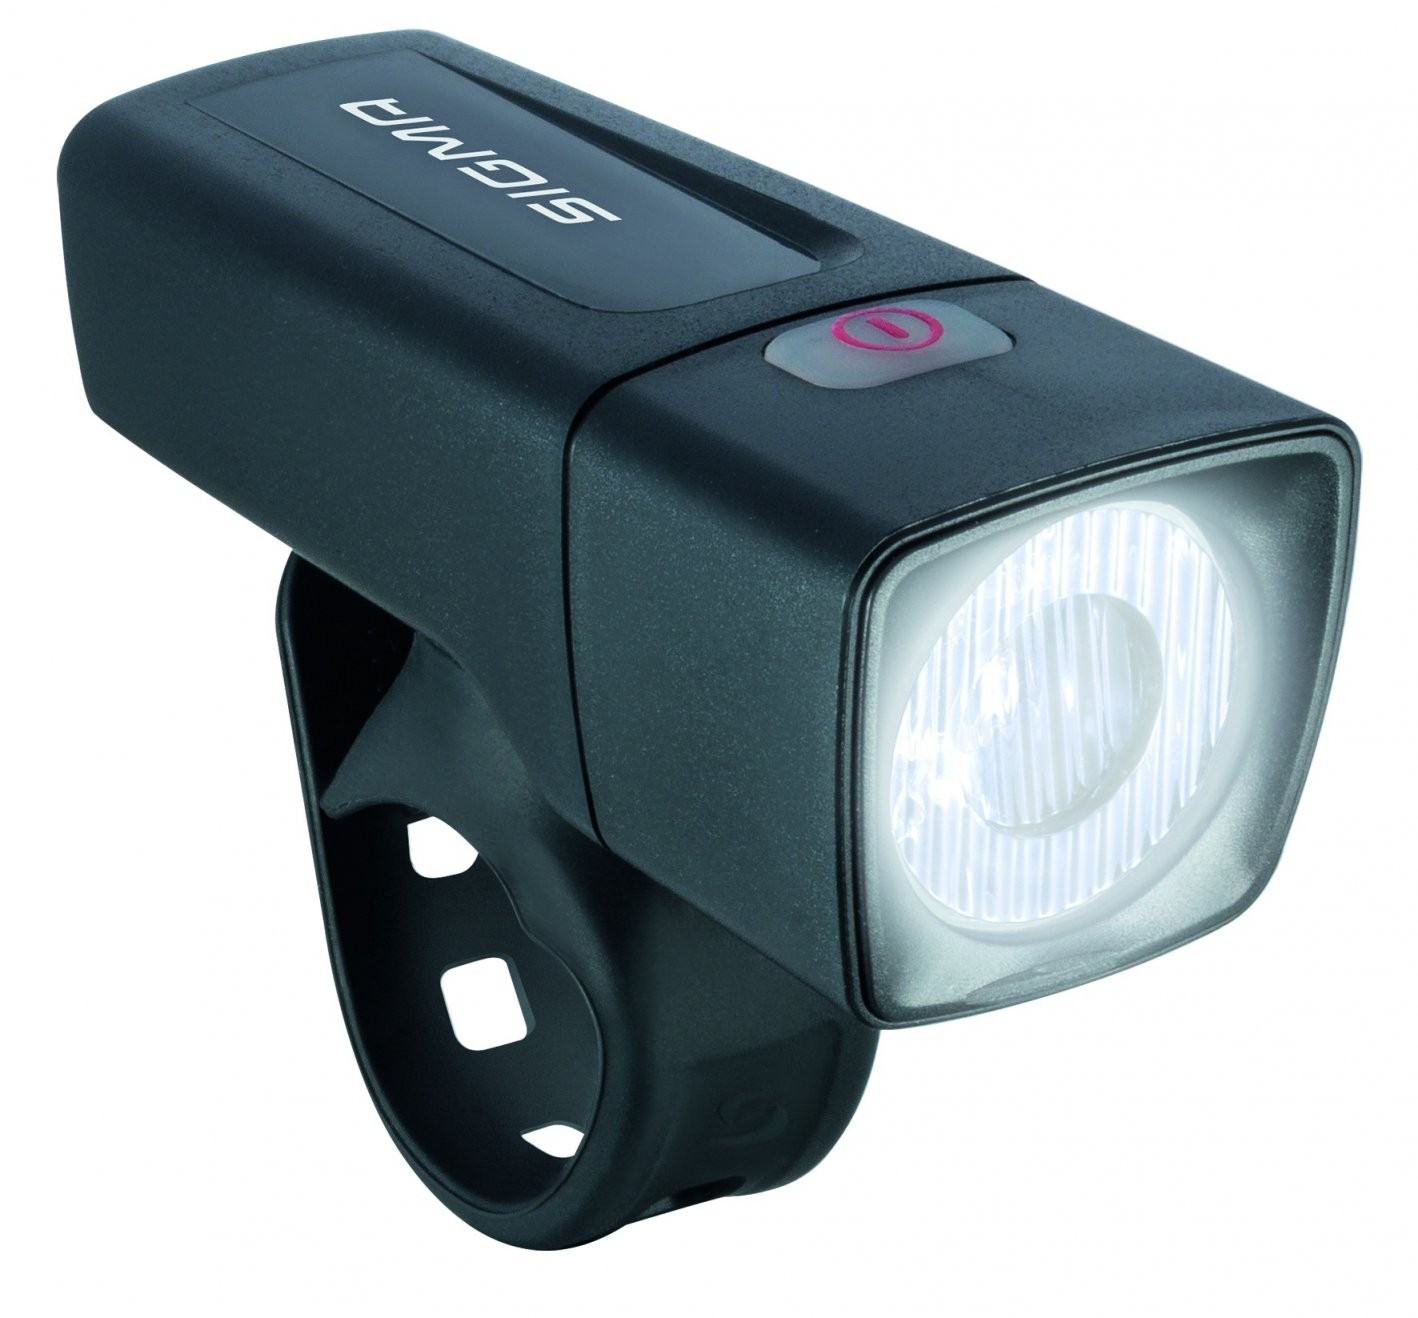 Sigma Ledbeleuchtung Batterie Schwarz  Internetbikes von Bilder Beleuchtung Mit Batterie Photo